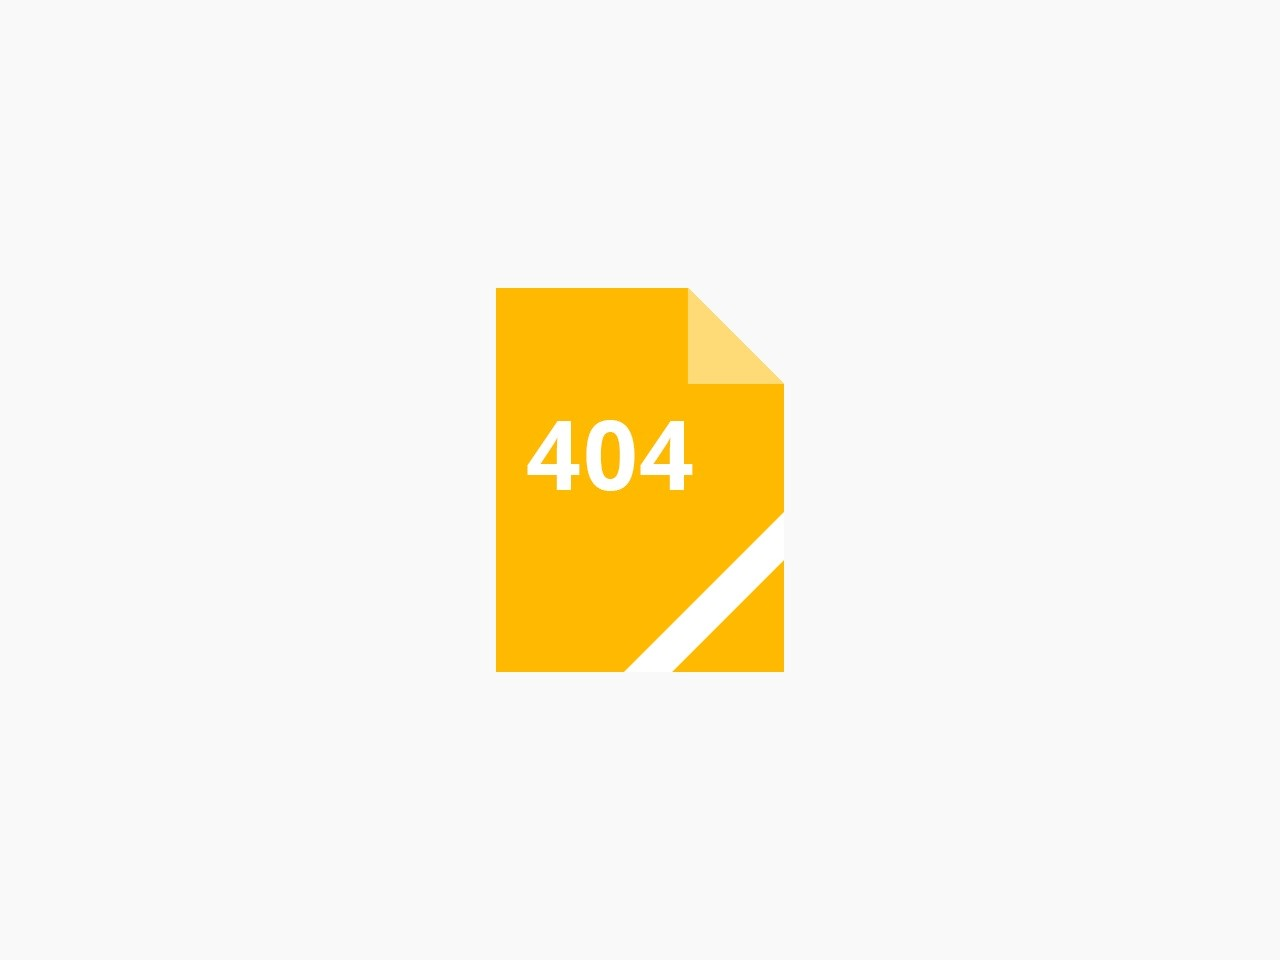 中尾明慶 映画で演じたジミー大西の爆笑秘話「すぐ脱ぐんですよ…」